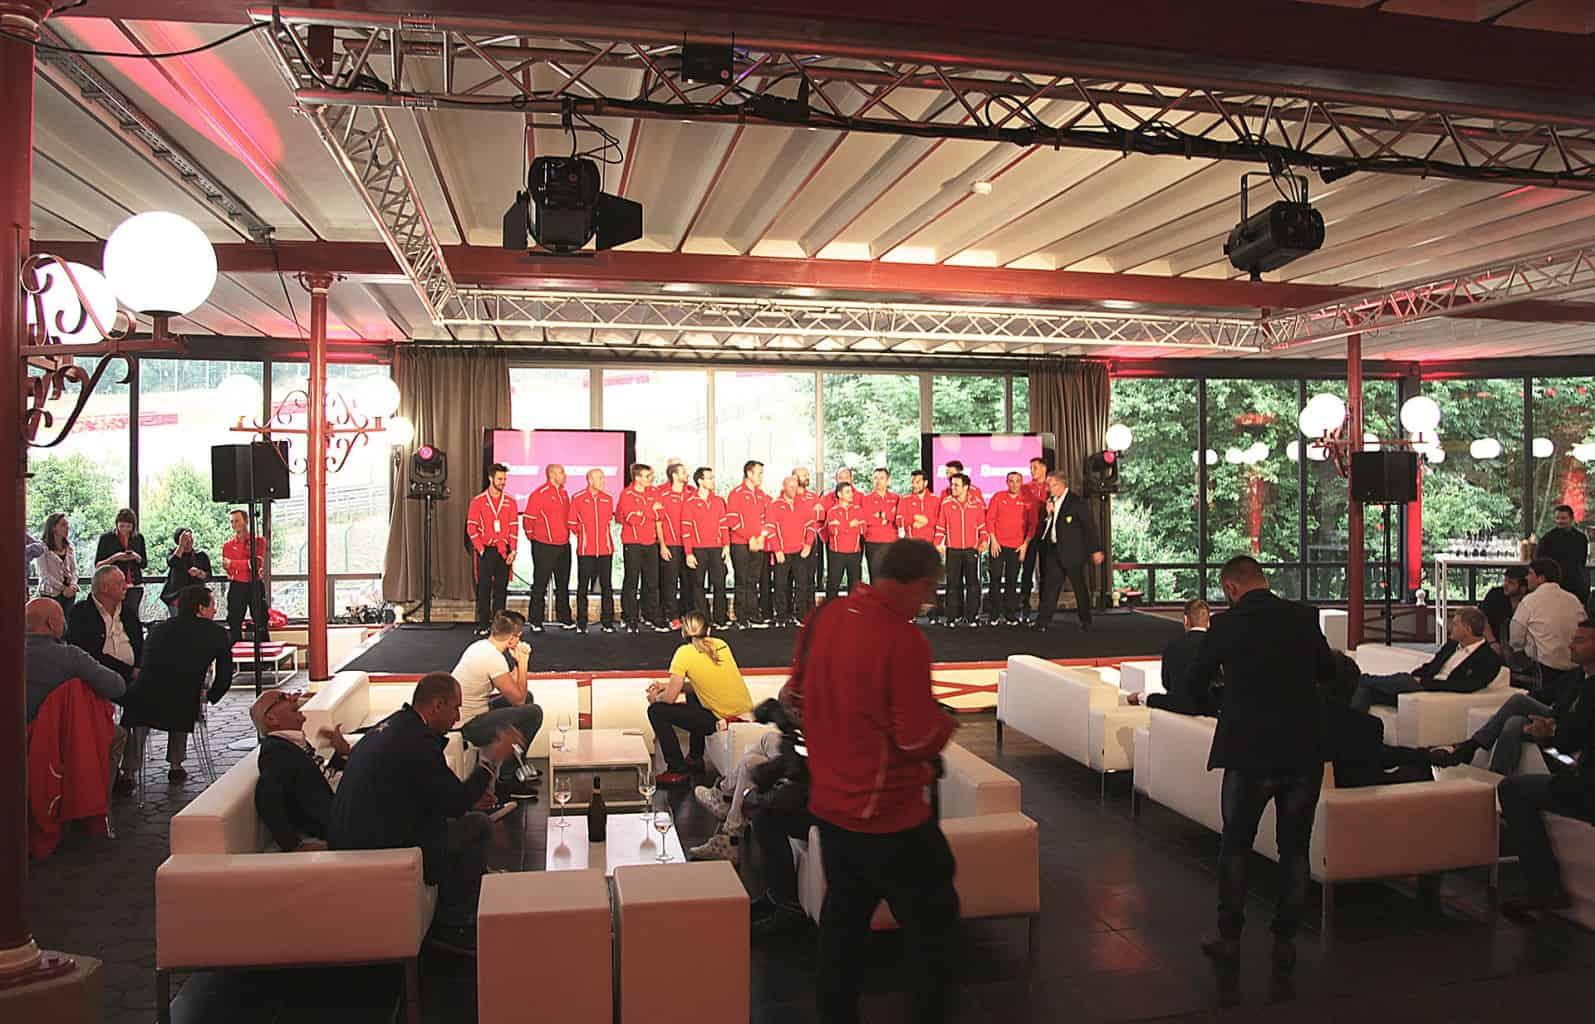 Xx programmes Ferrari organisés par So Event à l'Eau Rouge pour ses clients.